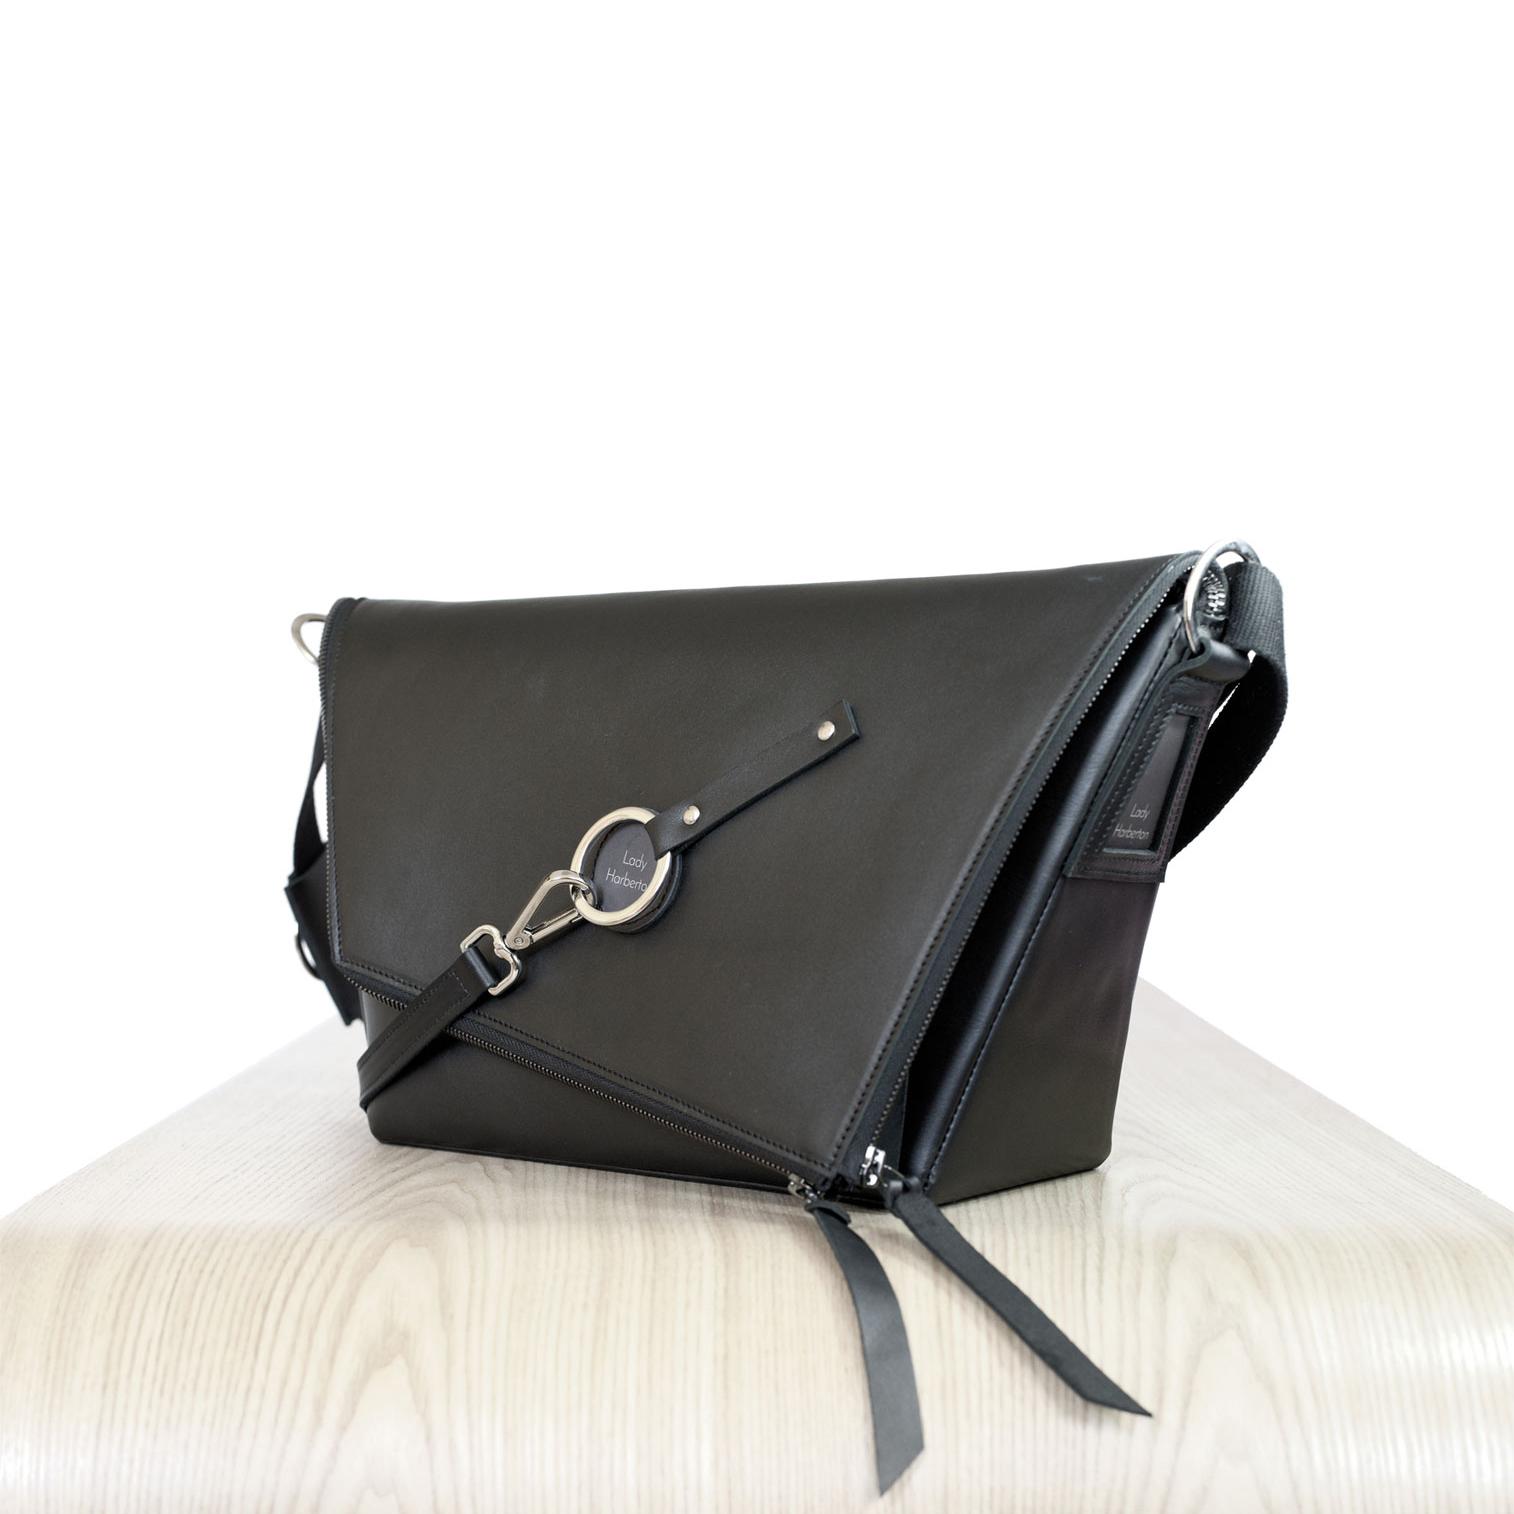 1d2f345151a2 ... black leather satchel Le Messenger Lady Harberton ...